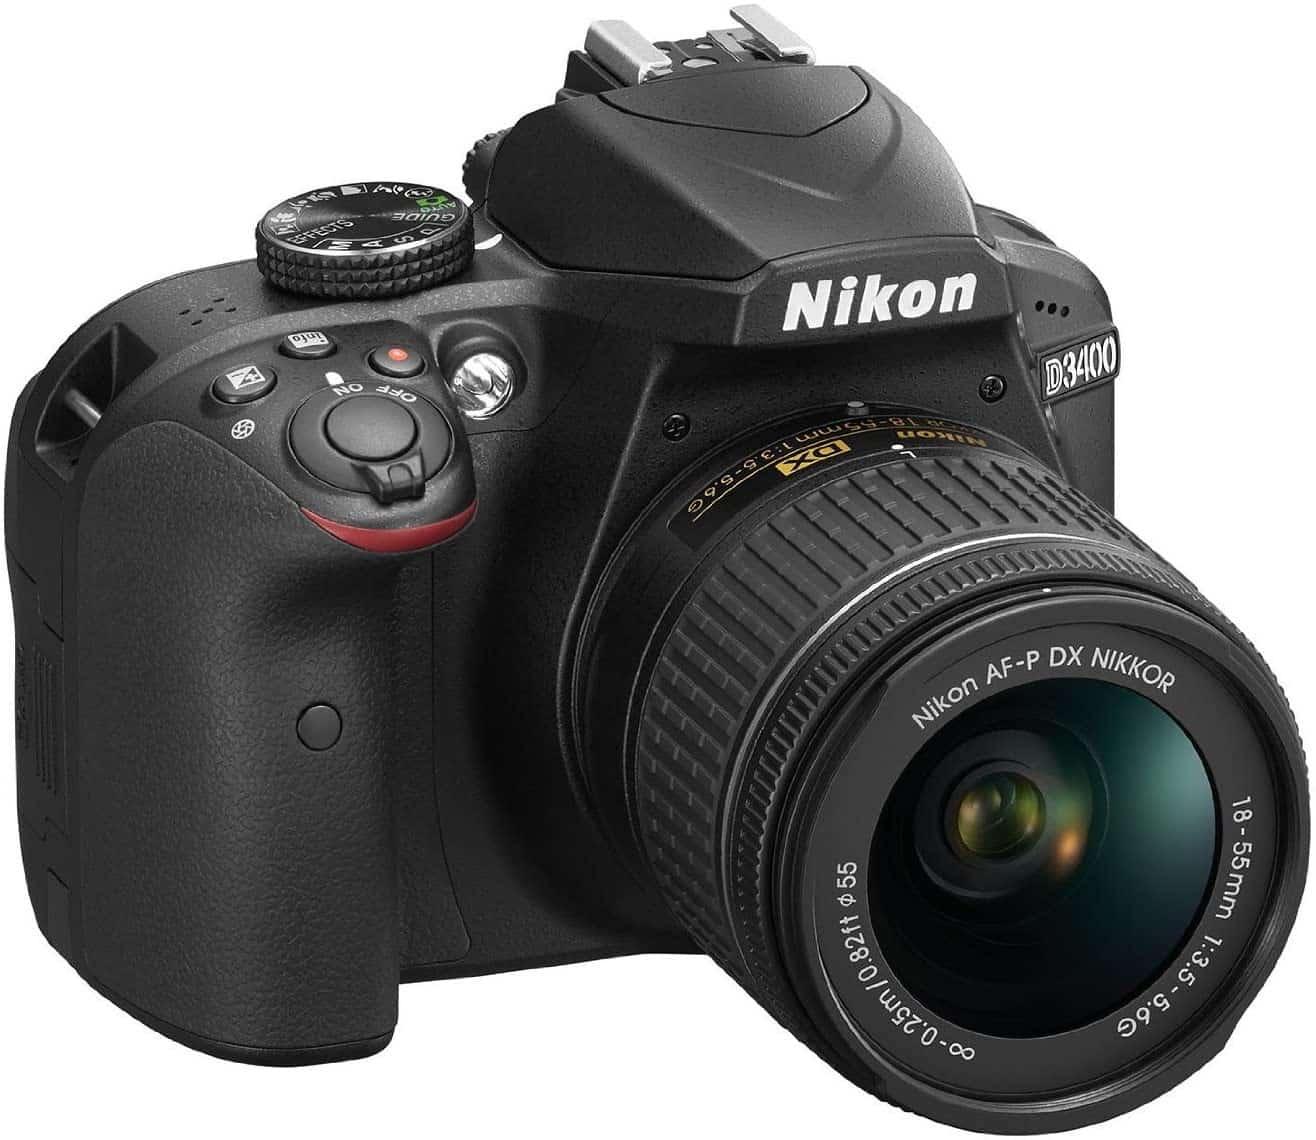 Nikon-DE400